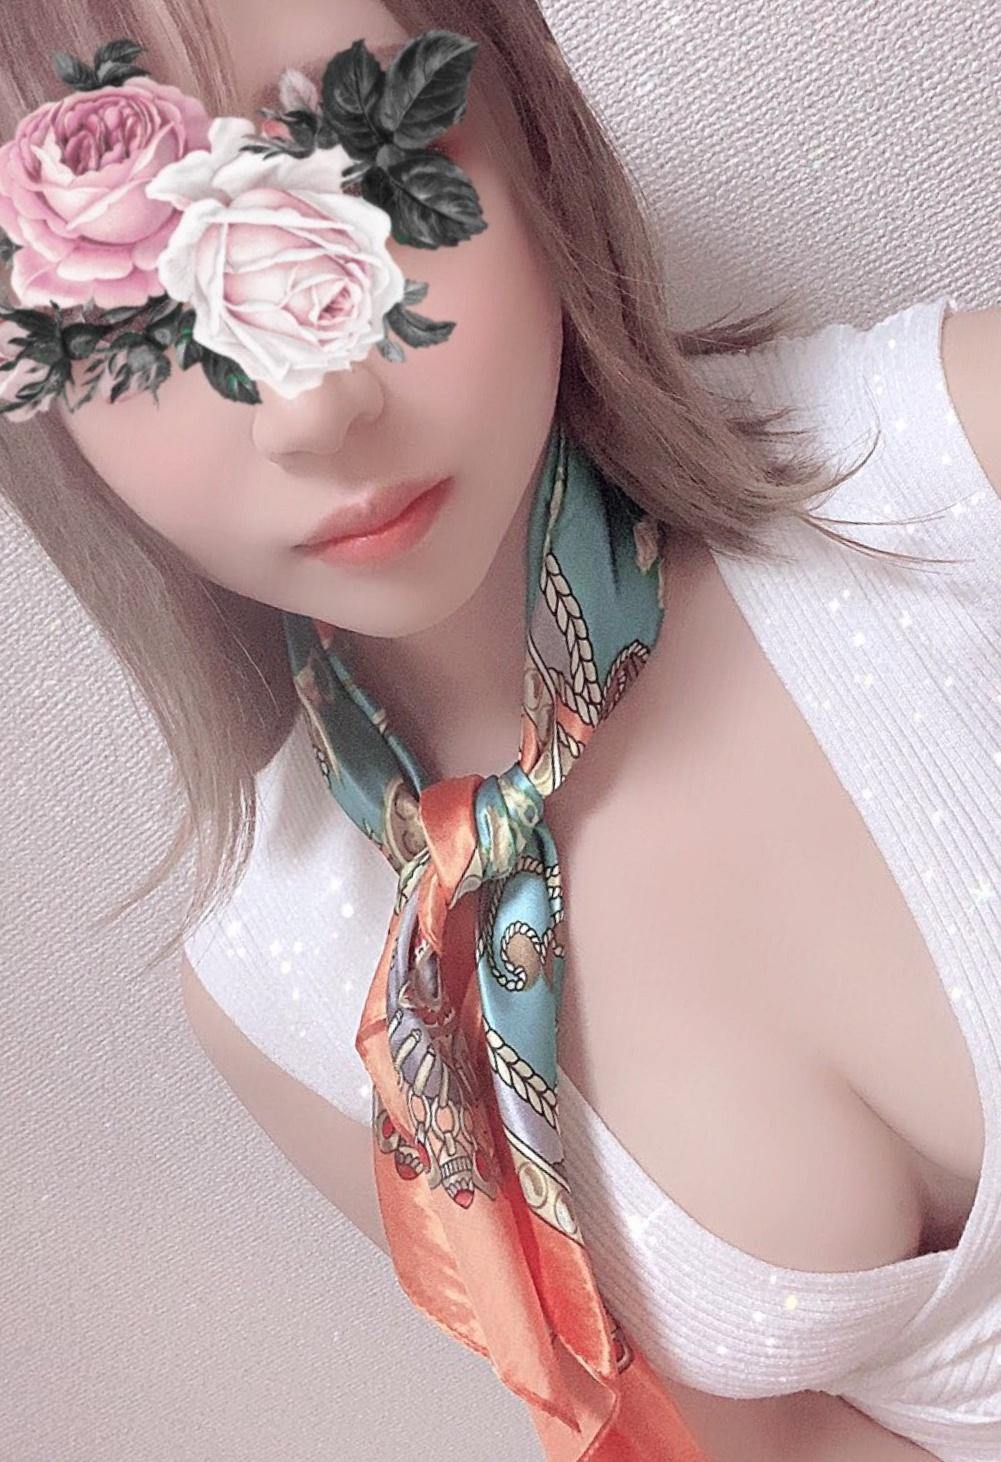 アイドル顔負けメジャー級美女♡七瀬みお